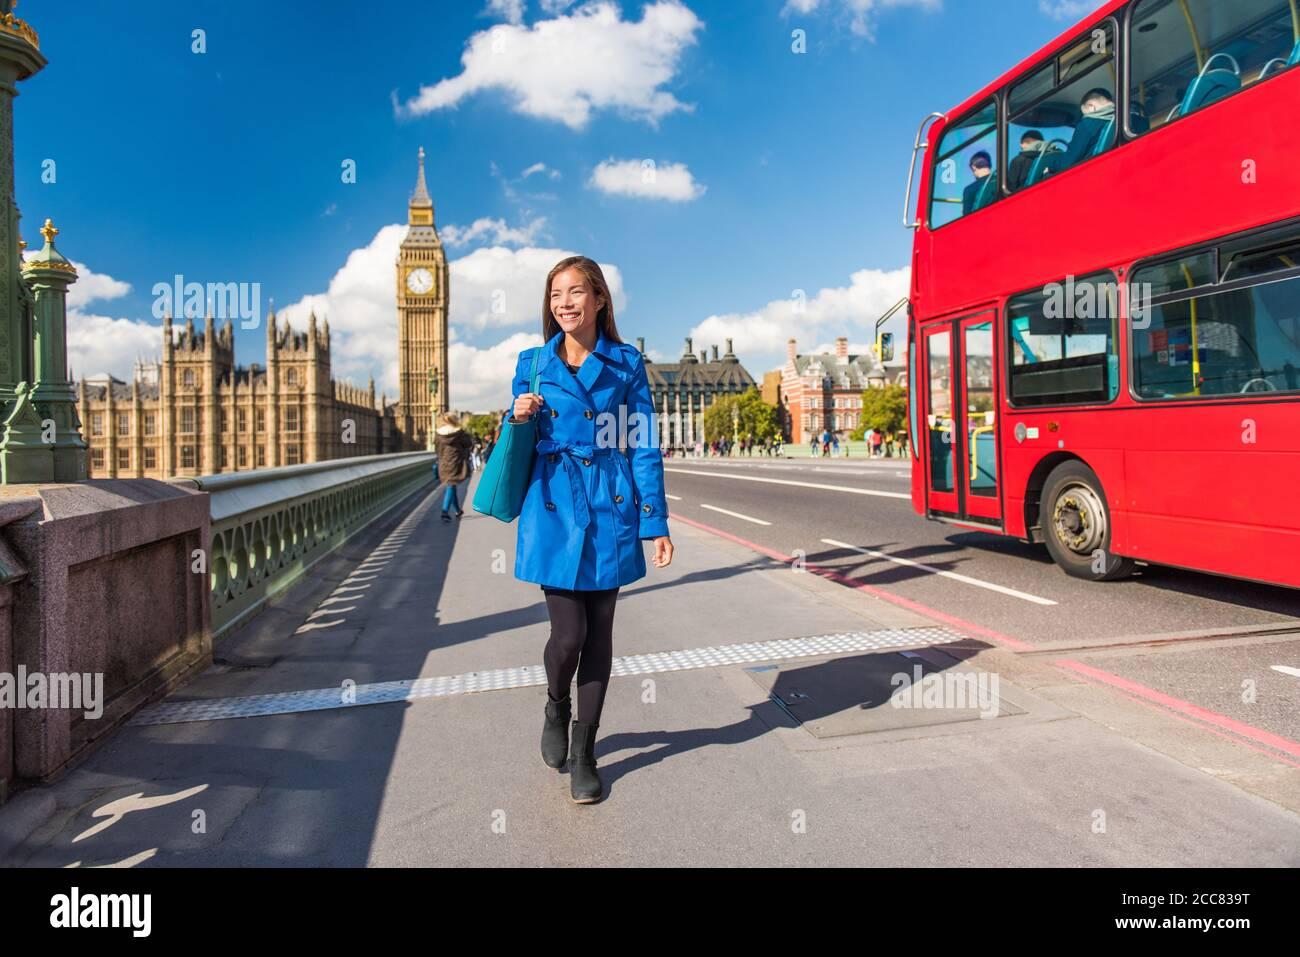 Londres Big Ben estilo de vida turista mujer caminando. Mujer de negocios va a trabajar en el puente de Westminster con el autobús rojo de doble cubierta de fondo. Viajes por Europa Foto de stock